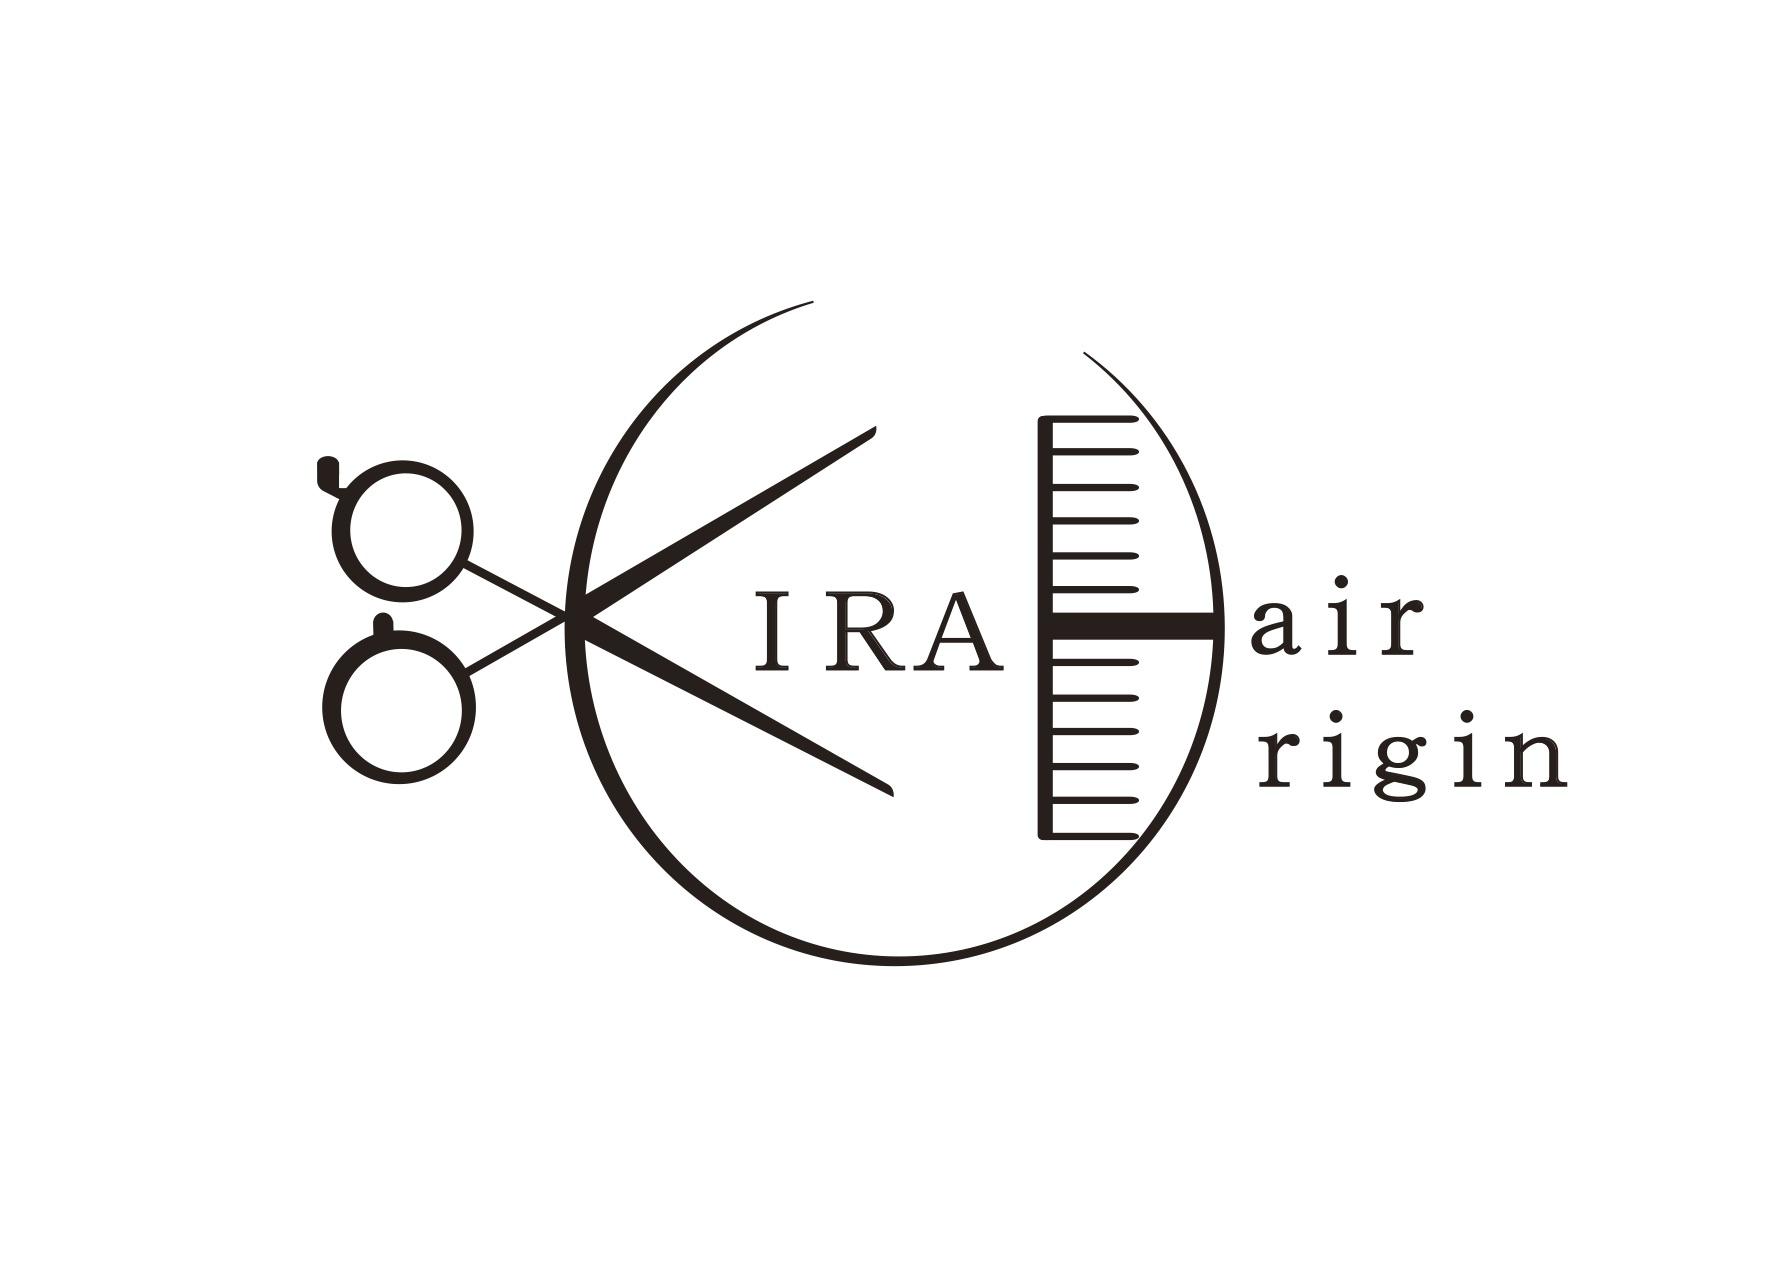 KIRA hair origin ロゴ 2